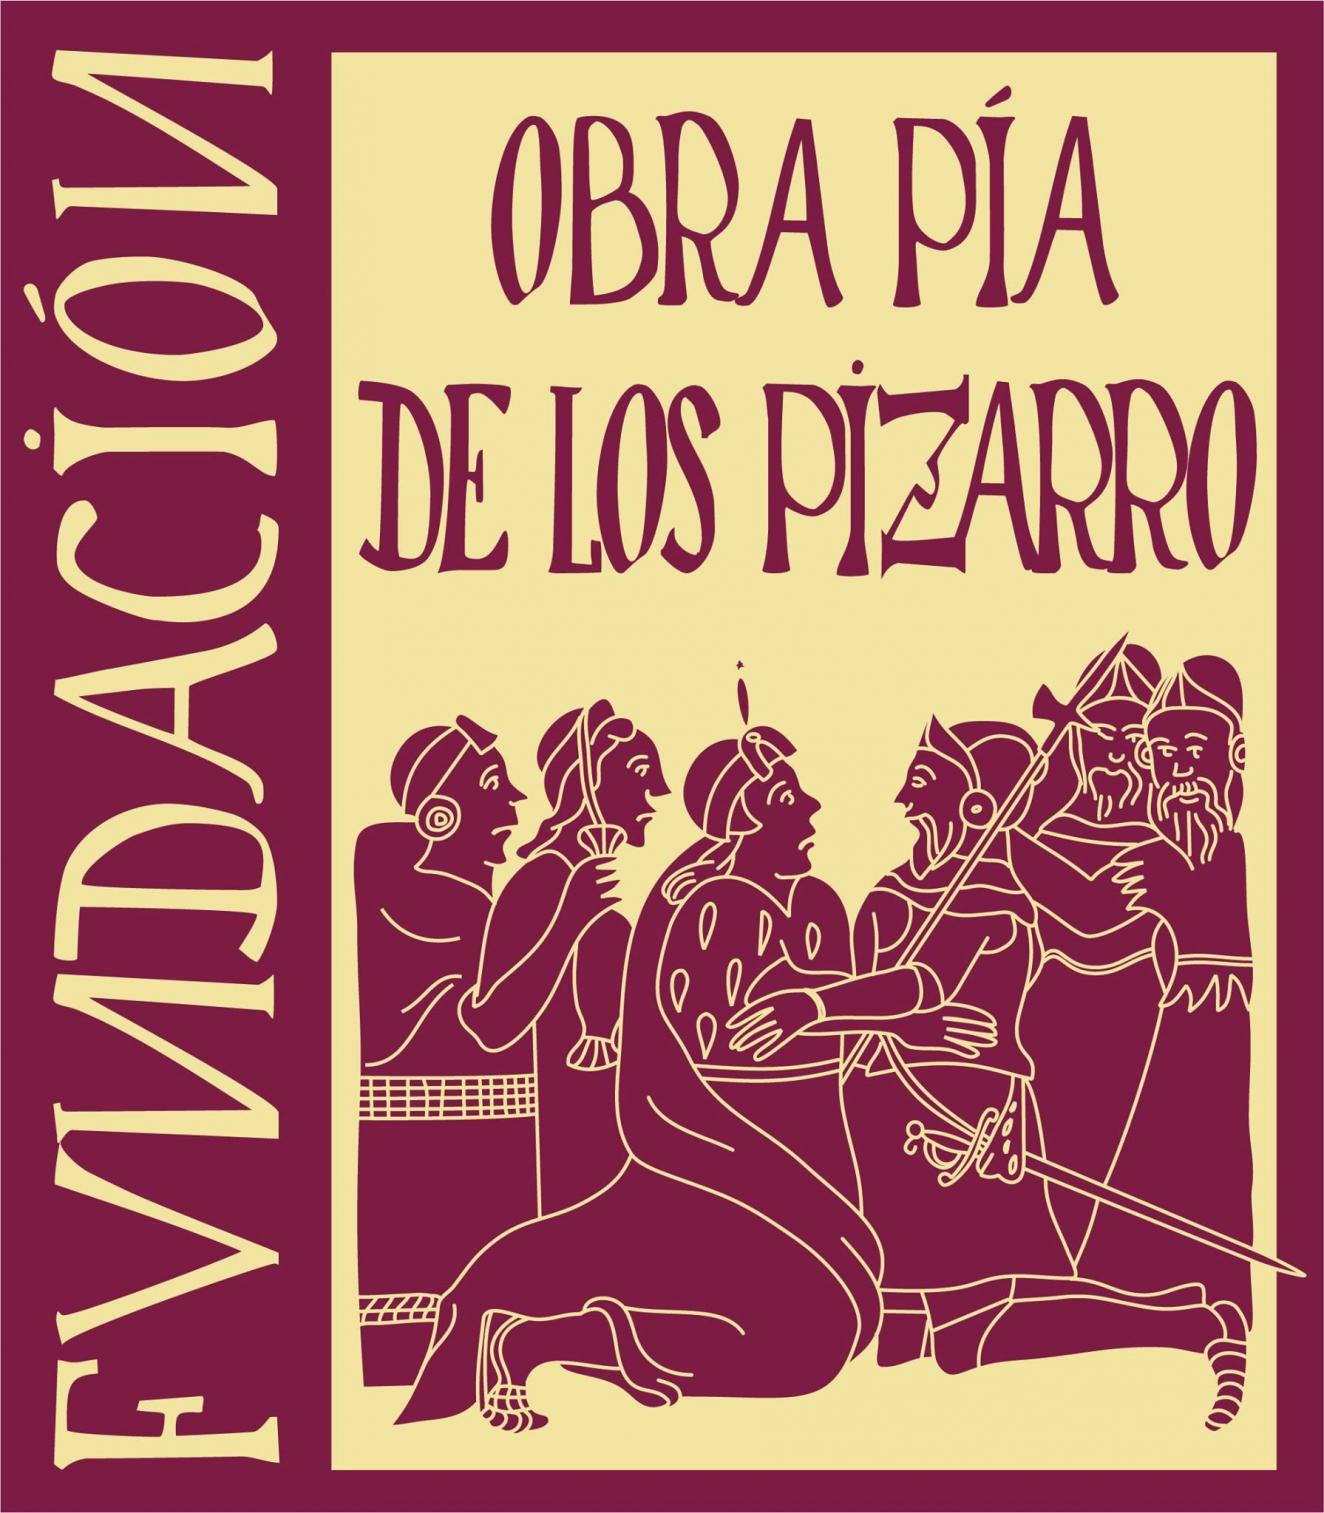 Presentación «Colección de poesía de la Fundación Obra Pía de los Pizarro» || Feria del Libro de Mérida